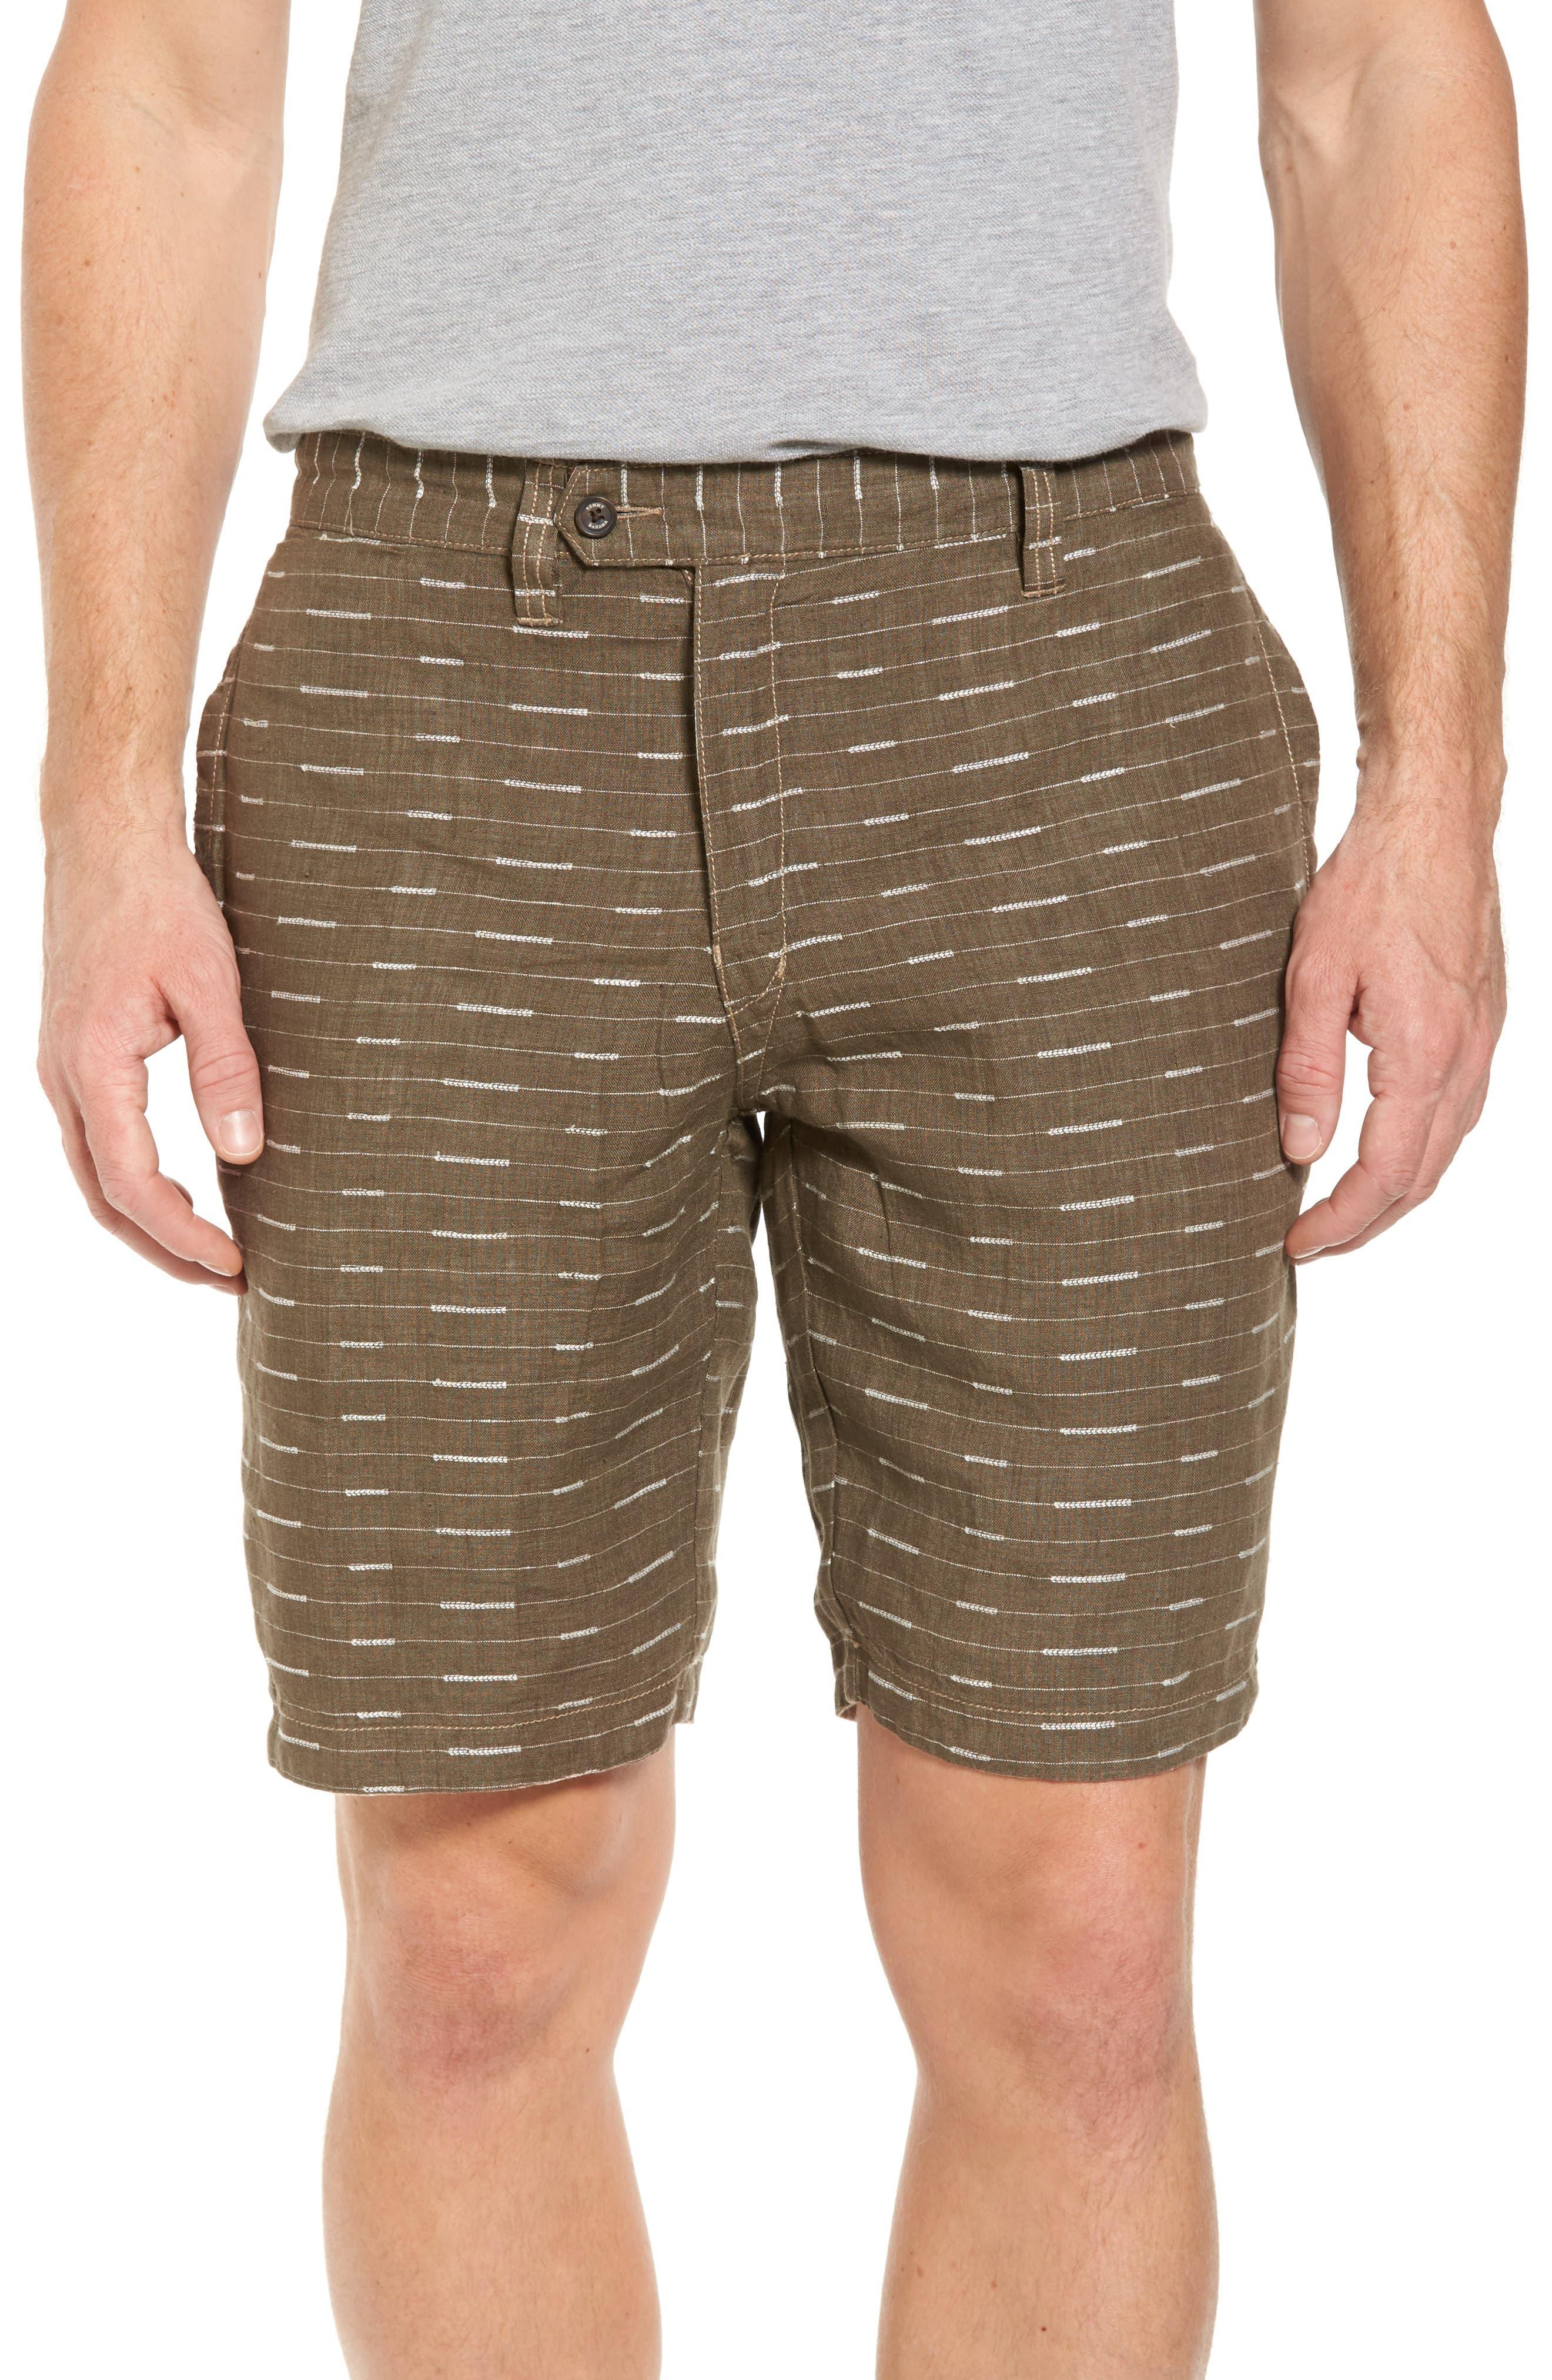 Plaid De Leon Reversible Shorts,                             Alternate thumbnail 4, color,                             Stone Khaki